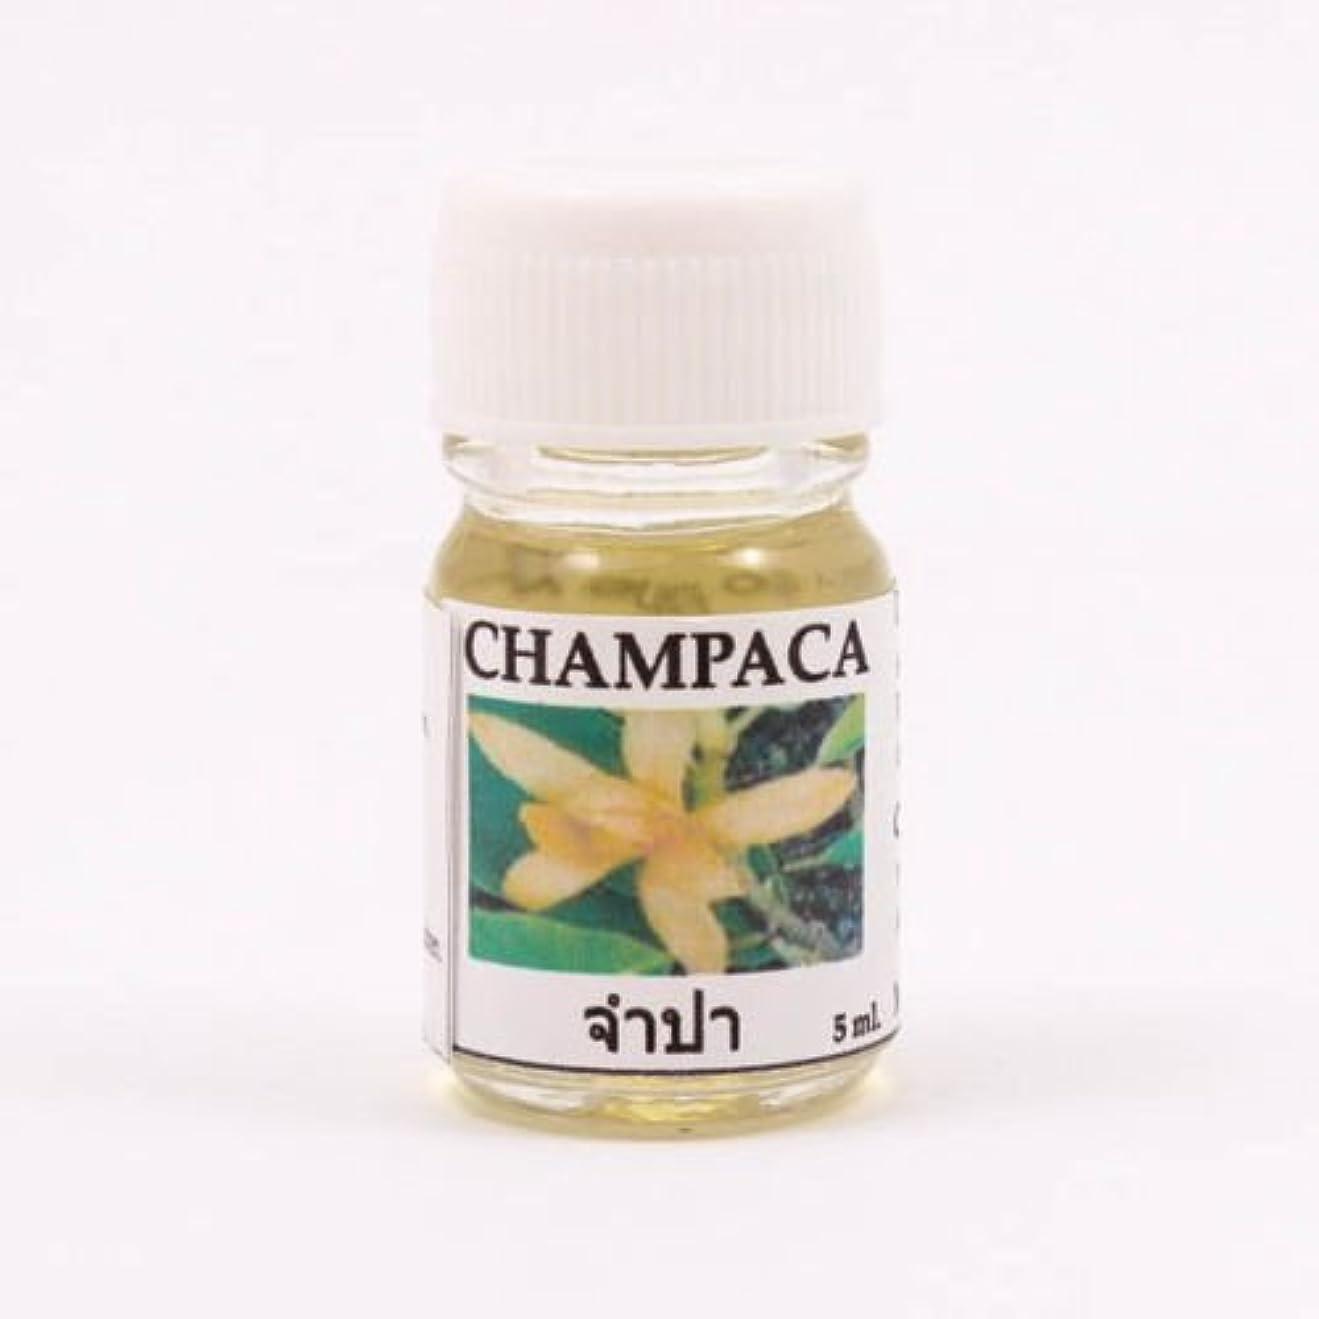 許可お香トーク6X Champaca Aroma Fragrance Essential Oil 5ML. cc Diffuser Burner Therapy